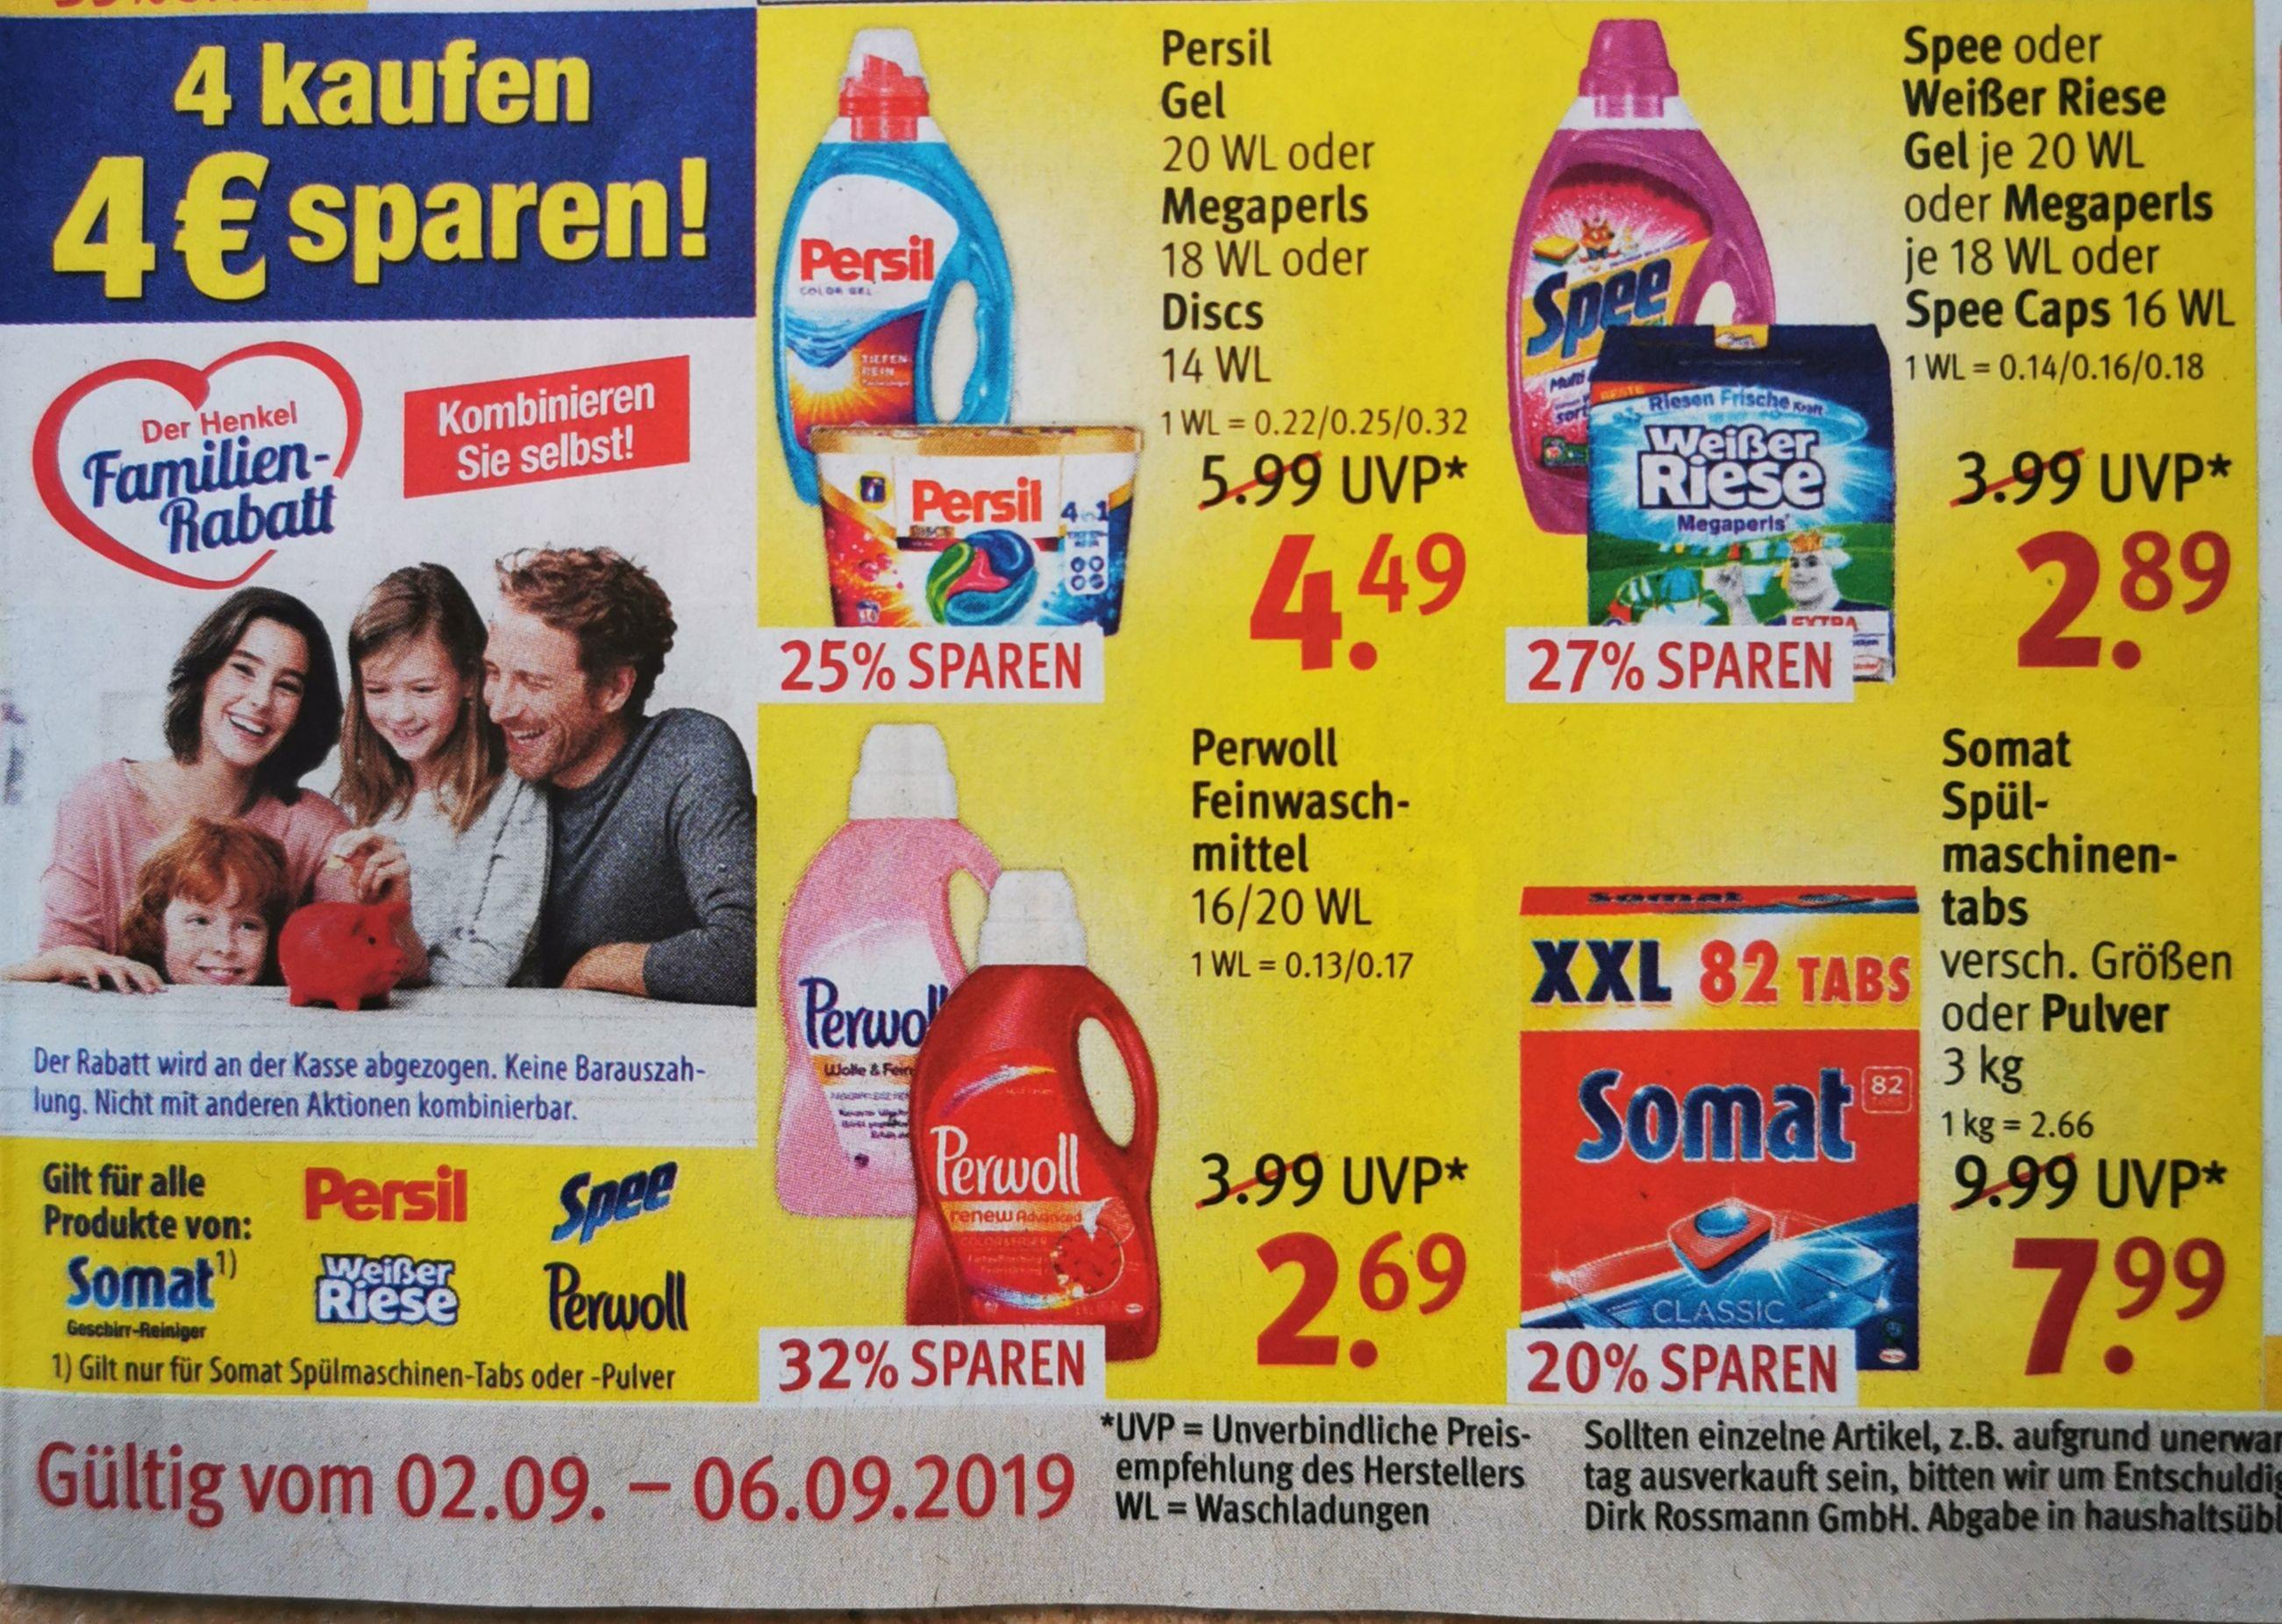 Rossmann Angebote mit Henkel Familienrabatt